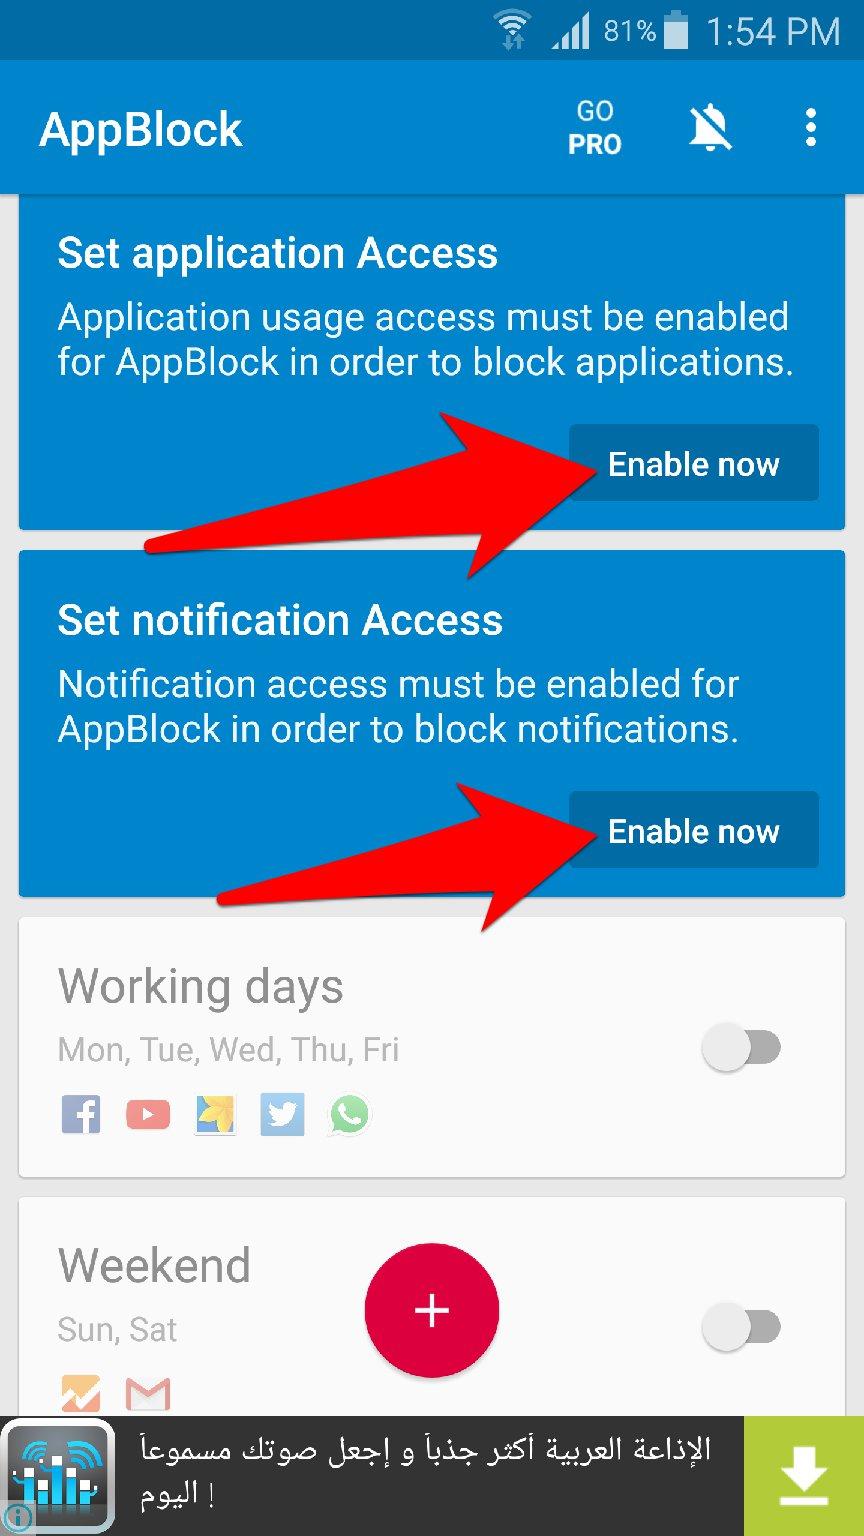 تطبيق AppBlock لحظر استخدام التطبيقات والالعاب لأوقات محددة لزيادة التركيز   بحرية درويد